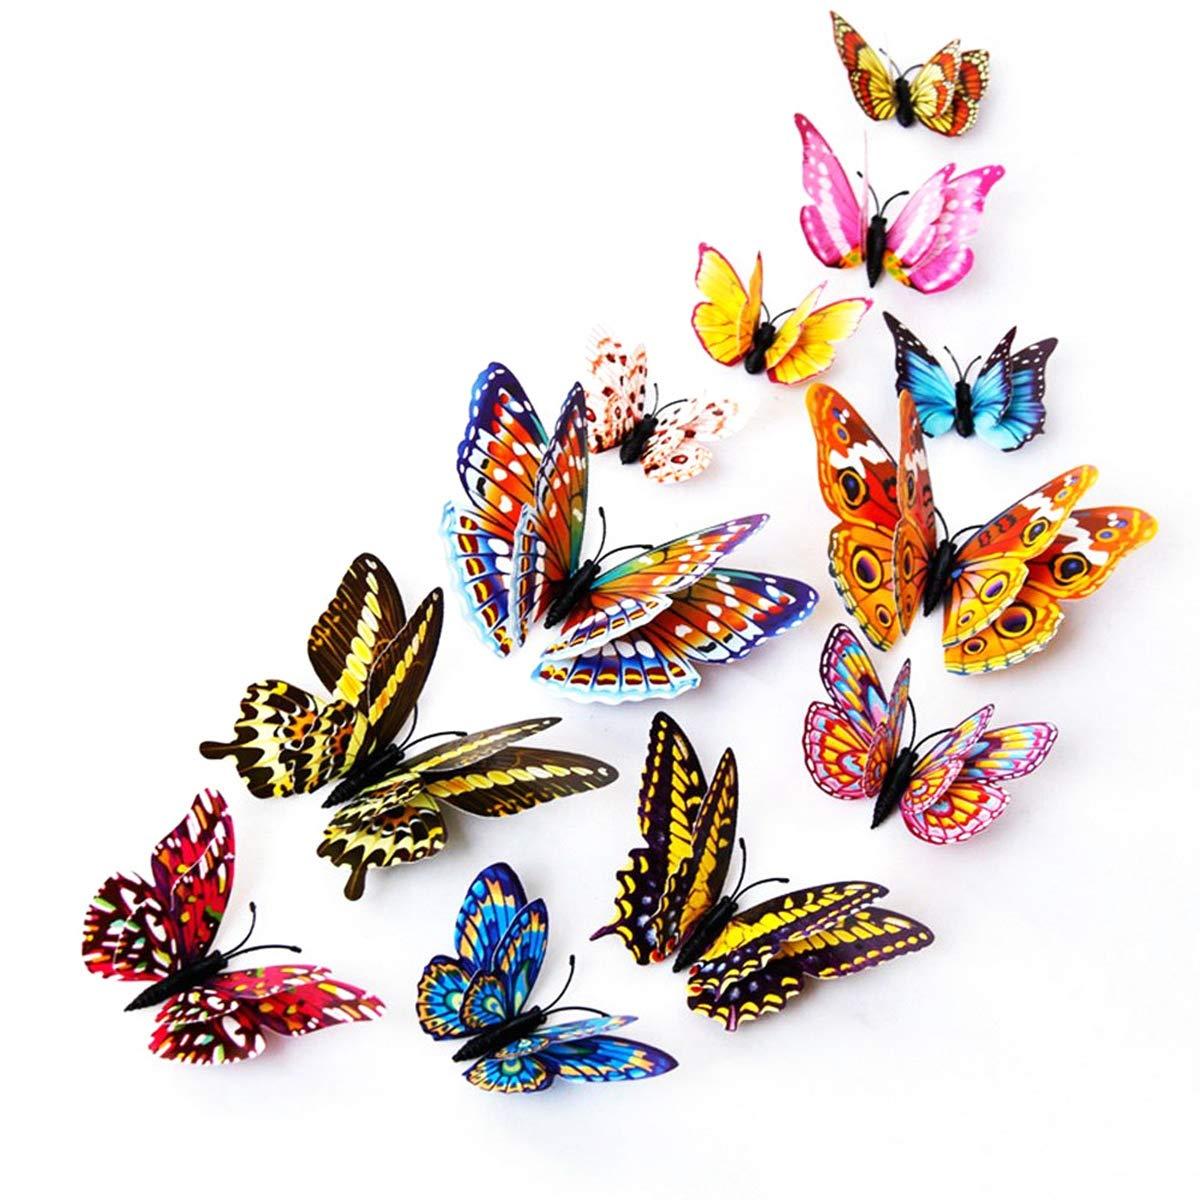 Kakuu 24PCS 3D Luminous Butterfly Wall Stickers Decor Art Decorations,Butterfly Wall Decals Removable DIY Home Decorations Art Decor Wall Stickers for Wall Decor Home Art Kids Room Bedroom Decor